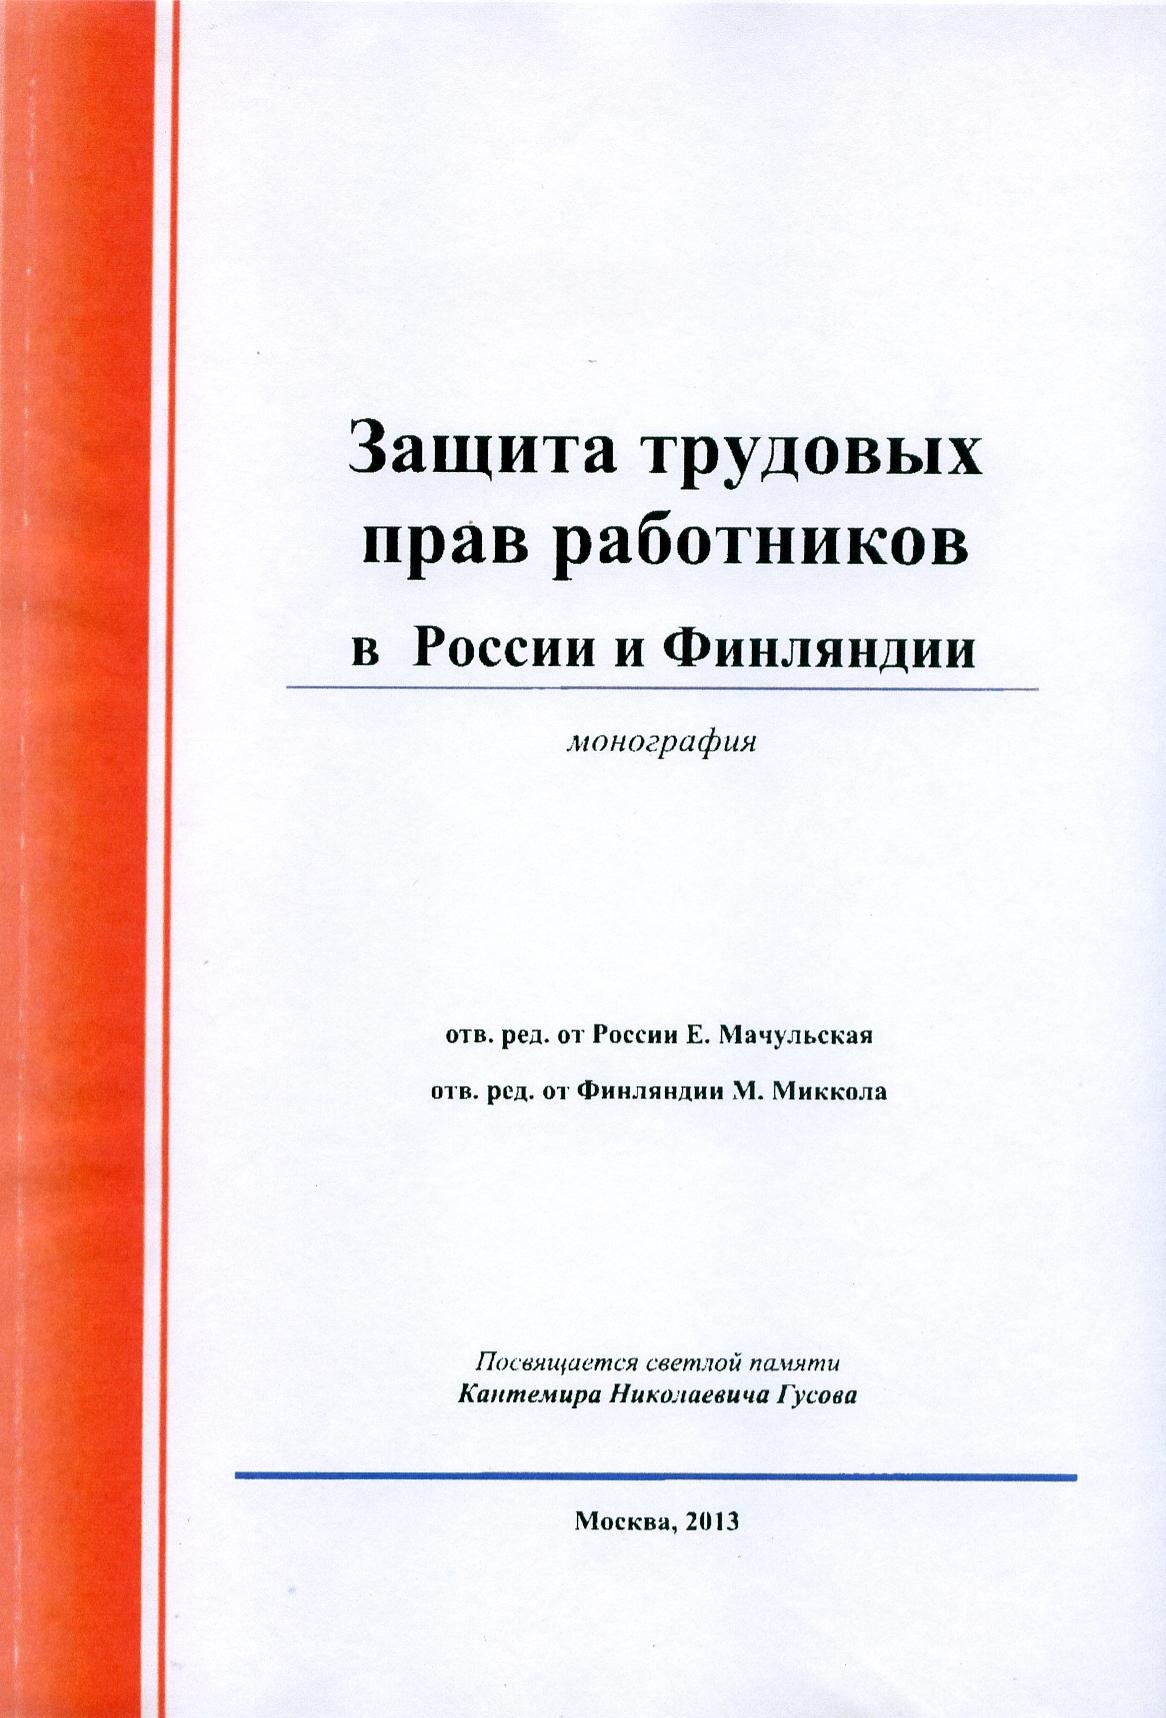 Защита трудовых прав работников в России и Финляндии